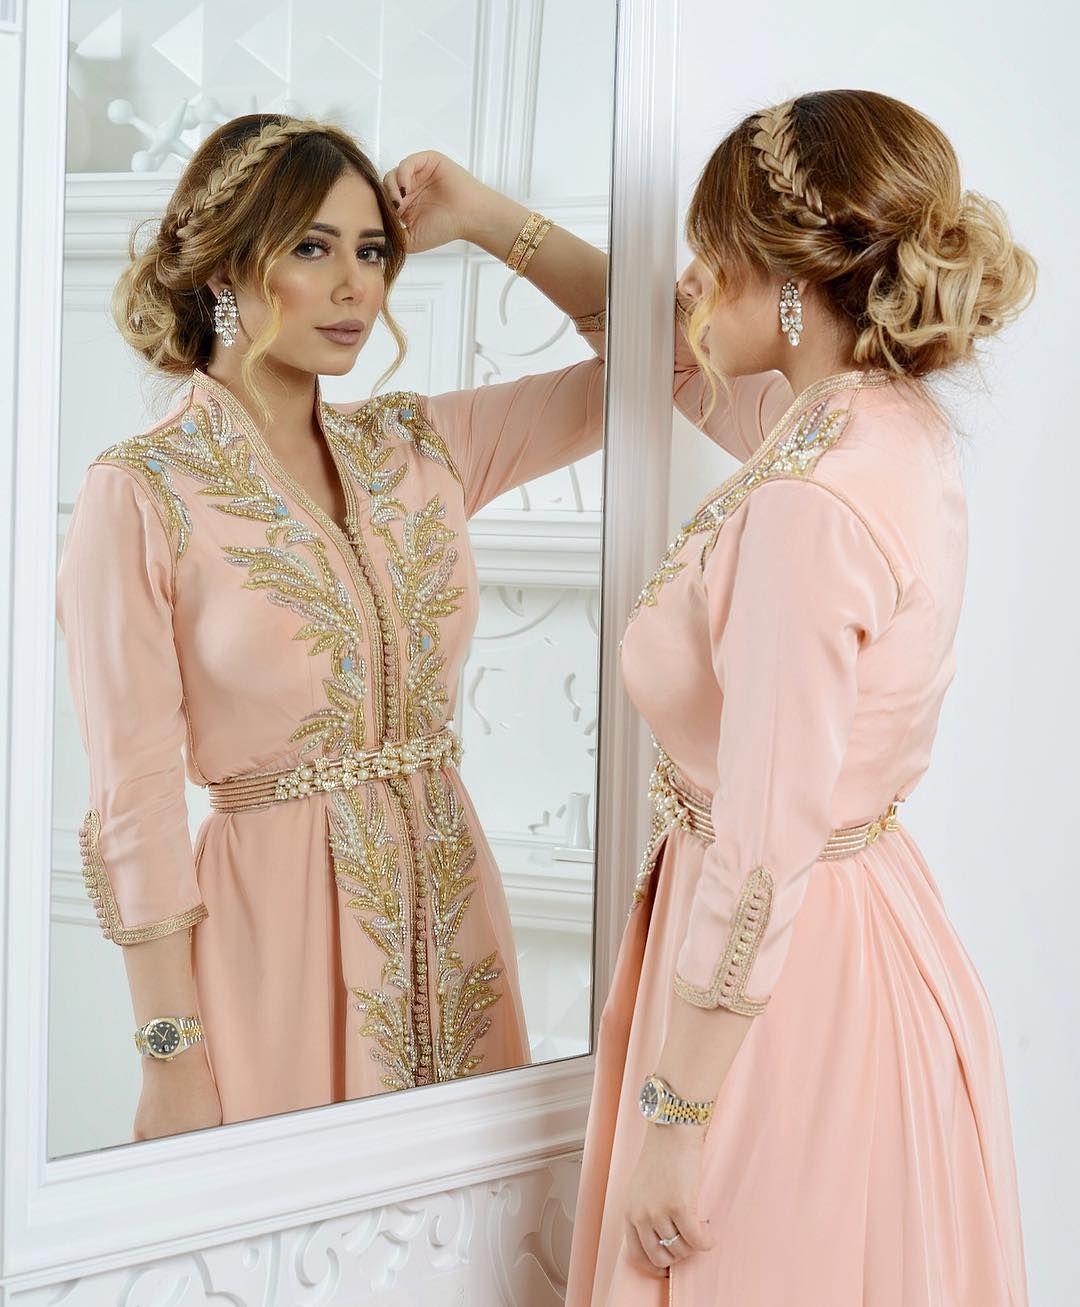 تب ربي معاك أكون أحبك كملوا الجملة كتب ربي يسرا سعو Moroccan Fashion Moroccan Dress Morrocan Dress